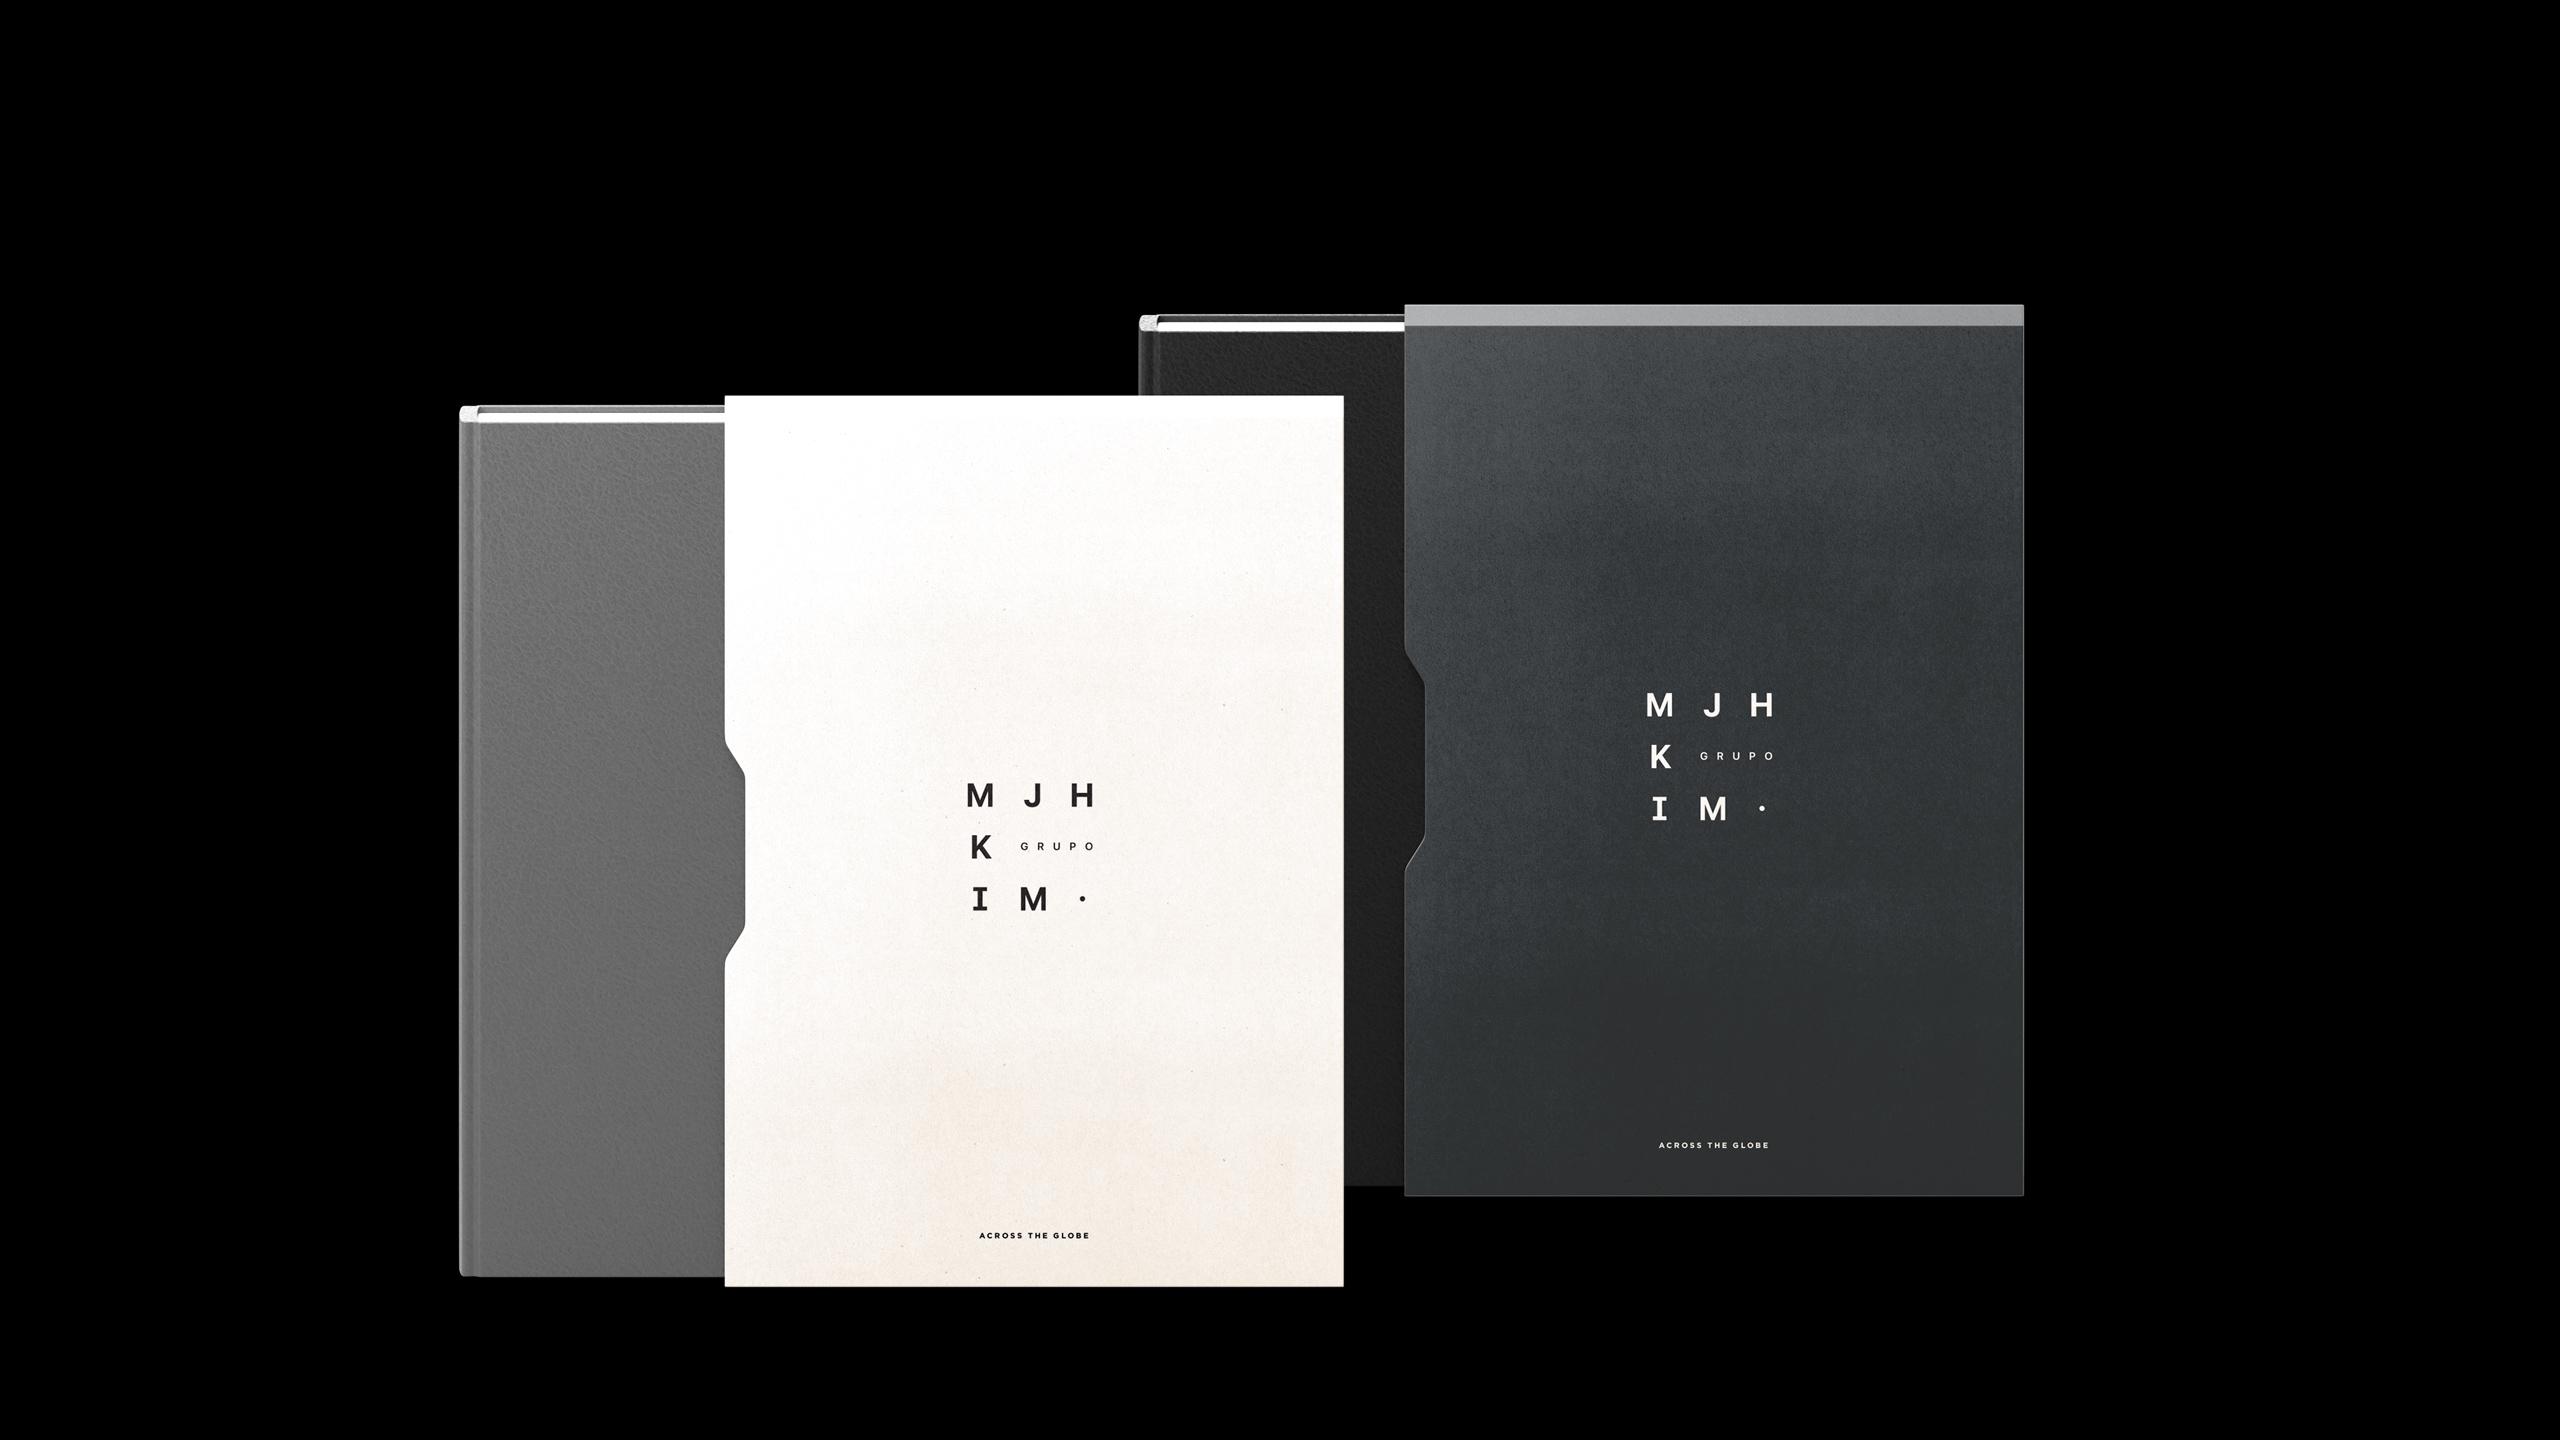 RamonMaia_MJHKIM_Books